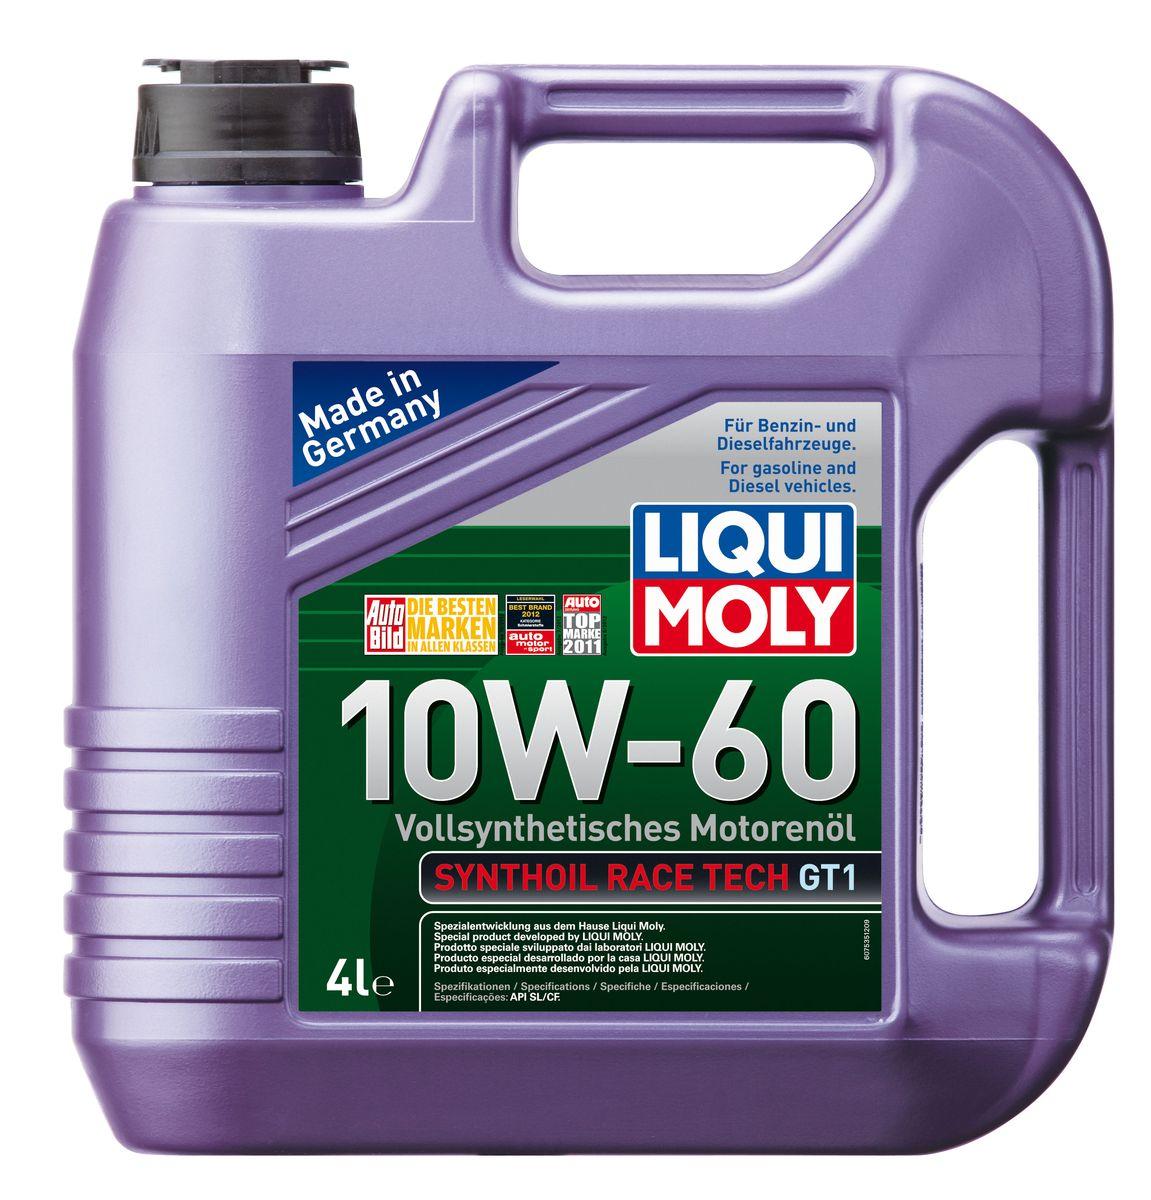 Масло моторное Liqui Moly Synthoil Race Tech GT1, синтетическое, 10W-60, 4 лкн12-60авцМасло моторное Liqui Moly Synthoil Race Tech GT1 - 100% синтетическое моторное масло на базе полиальфаолефинов (ПАО) для спортивных автомобилей со специально подготовленными моторами. Свойства ПАО-синтетики и высокая вязкость позволяют обеспечить необходимую смазку и защиту деталей двигателя в условиях экстремальных нагрузок на двигатель, характерных для спорта. Использование новейших, полностью синтетических компонентов базового масла и специальных технологий в области создания присадок формирует на поверхностях деталей прочнейшую смазочную пленку, которая гарантирует непревзойденную защиту всех деталей двигателя, в том числе от пиковых перегрузок и разрушительного воздействия высоких температур. Особенности: - Высочайшая стабильность к экстремально высоким рабочим температурам- Чрезвычайно малые потери масла на испарение- Надежное поступление масла ко всем деталям двигателя даже в экстремальных условиях автогонок- Высочайшие защитные свойства- Превосходная термоокислительная стабильность и устойчивость к старению- Отличные показатели чистоты двигателя- Создано специально для высокофорсированных и турбированных двигателей спортивных автомобилейДопуск: -API: CF/SL-ACEA: A3/B4Соответствие: -Fiat: 9.55535-H3